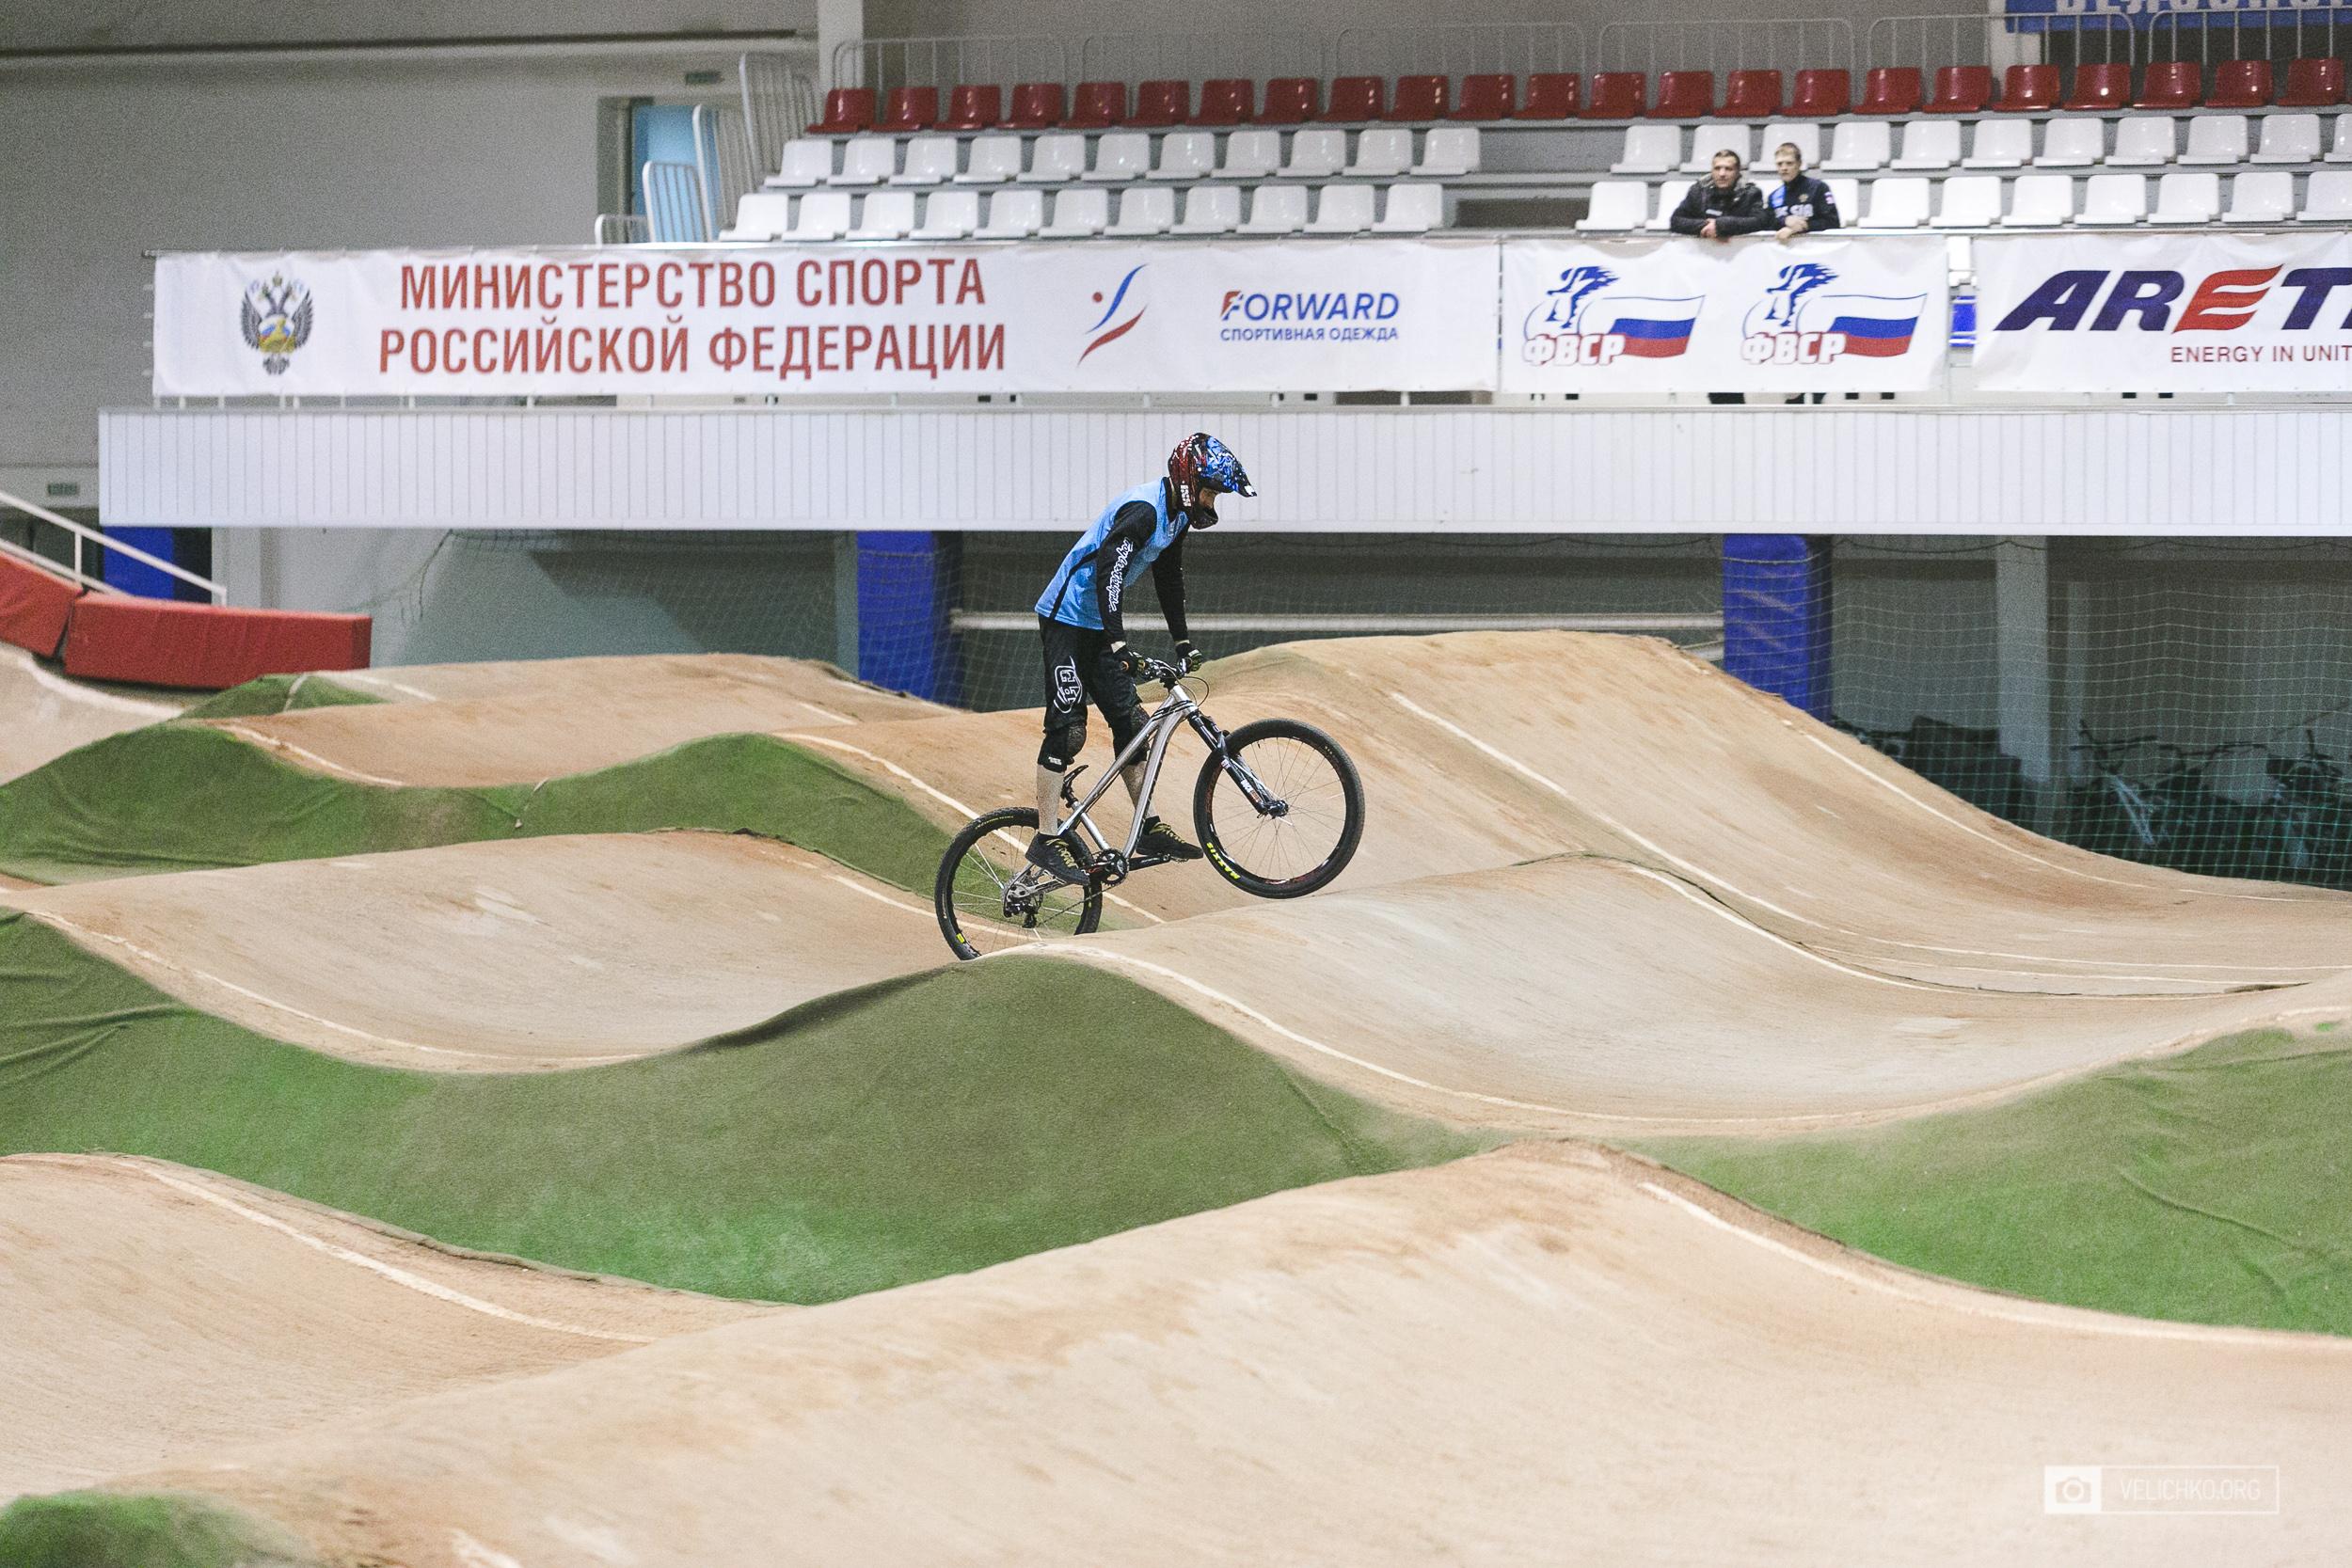 Блог им. Jahtaka: Спортивные МТБ-сборы в Саранске'18